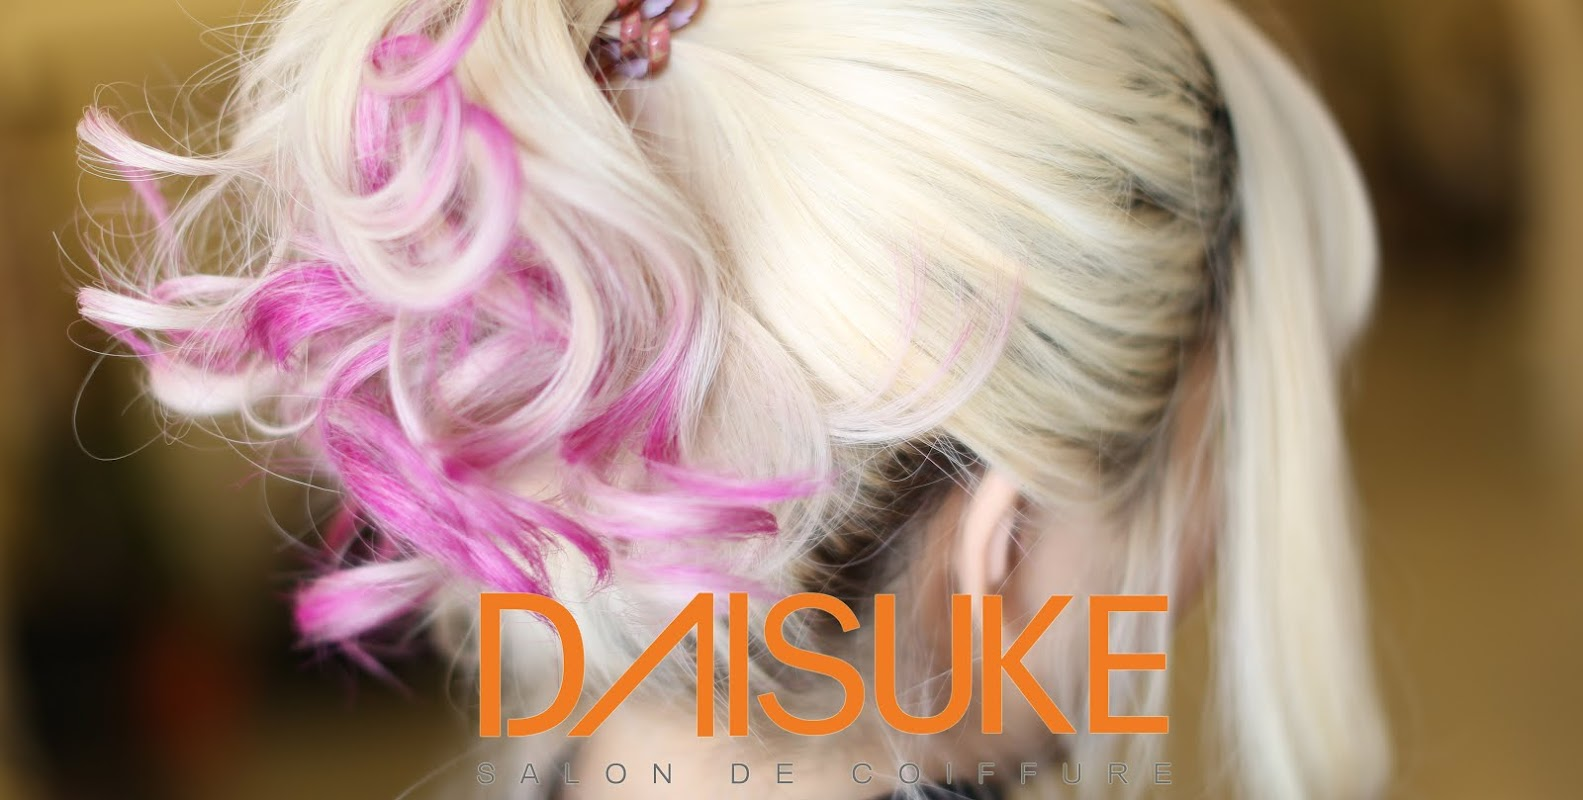 Daisuke Salon